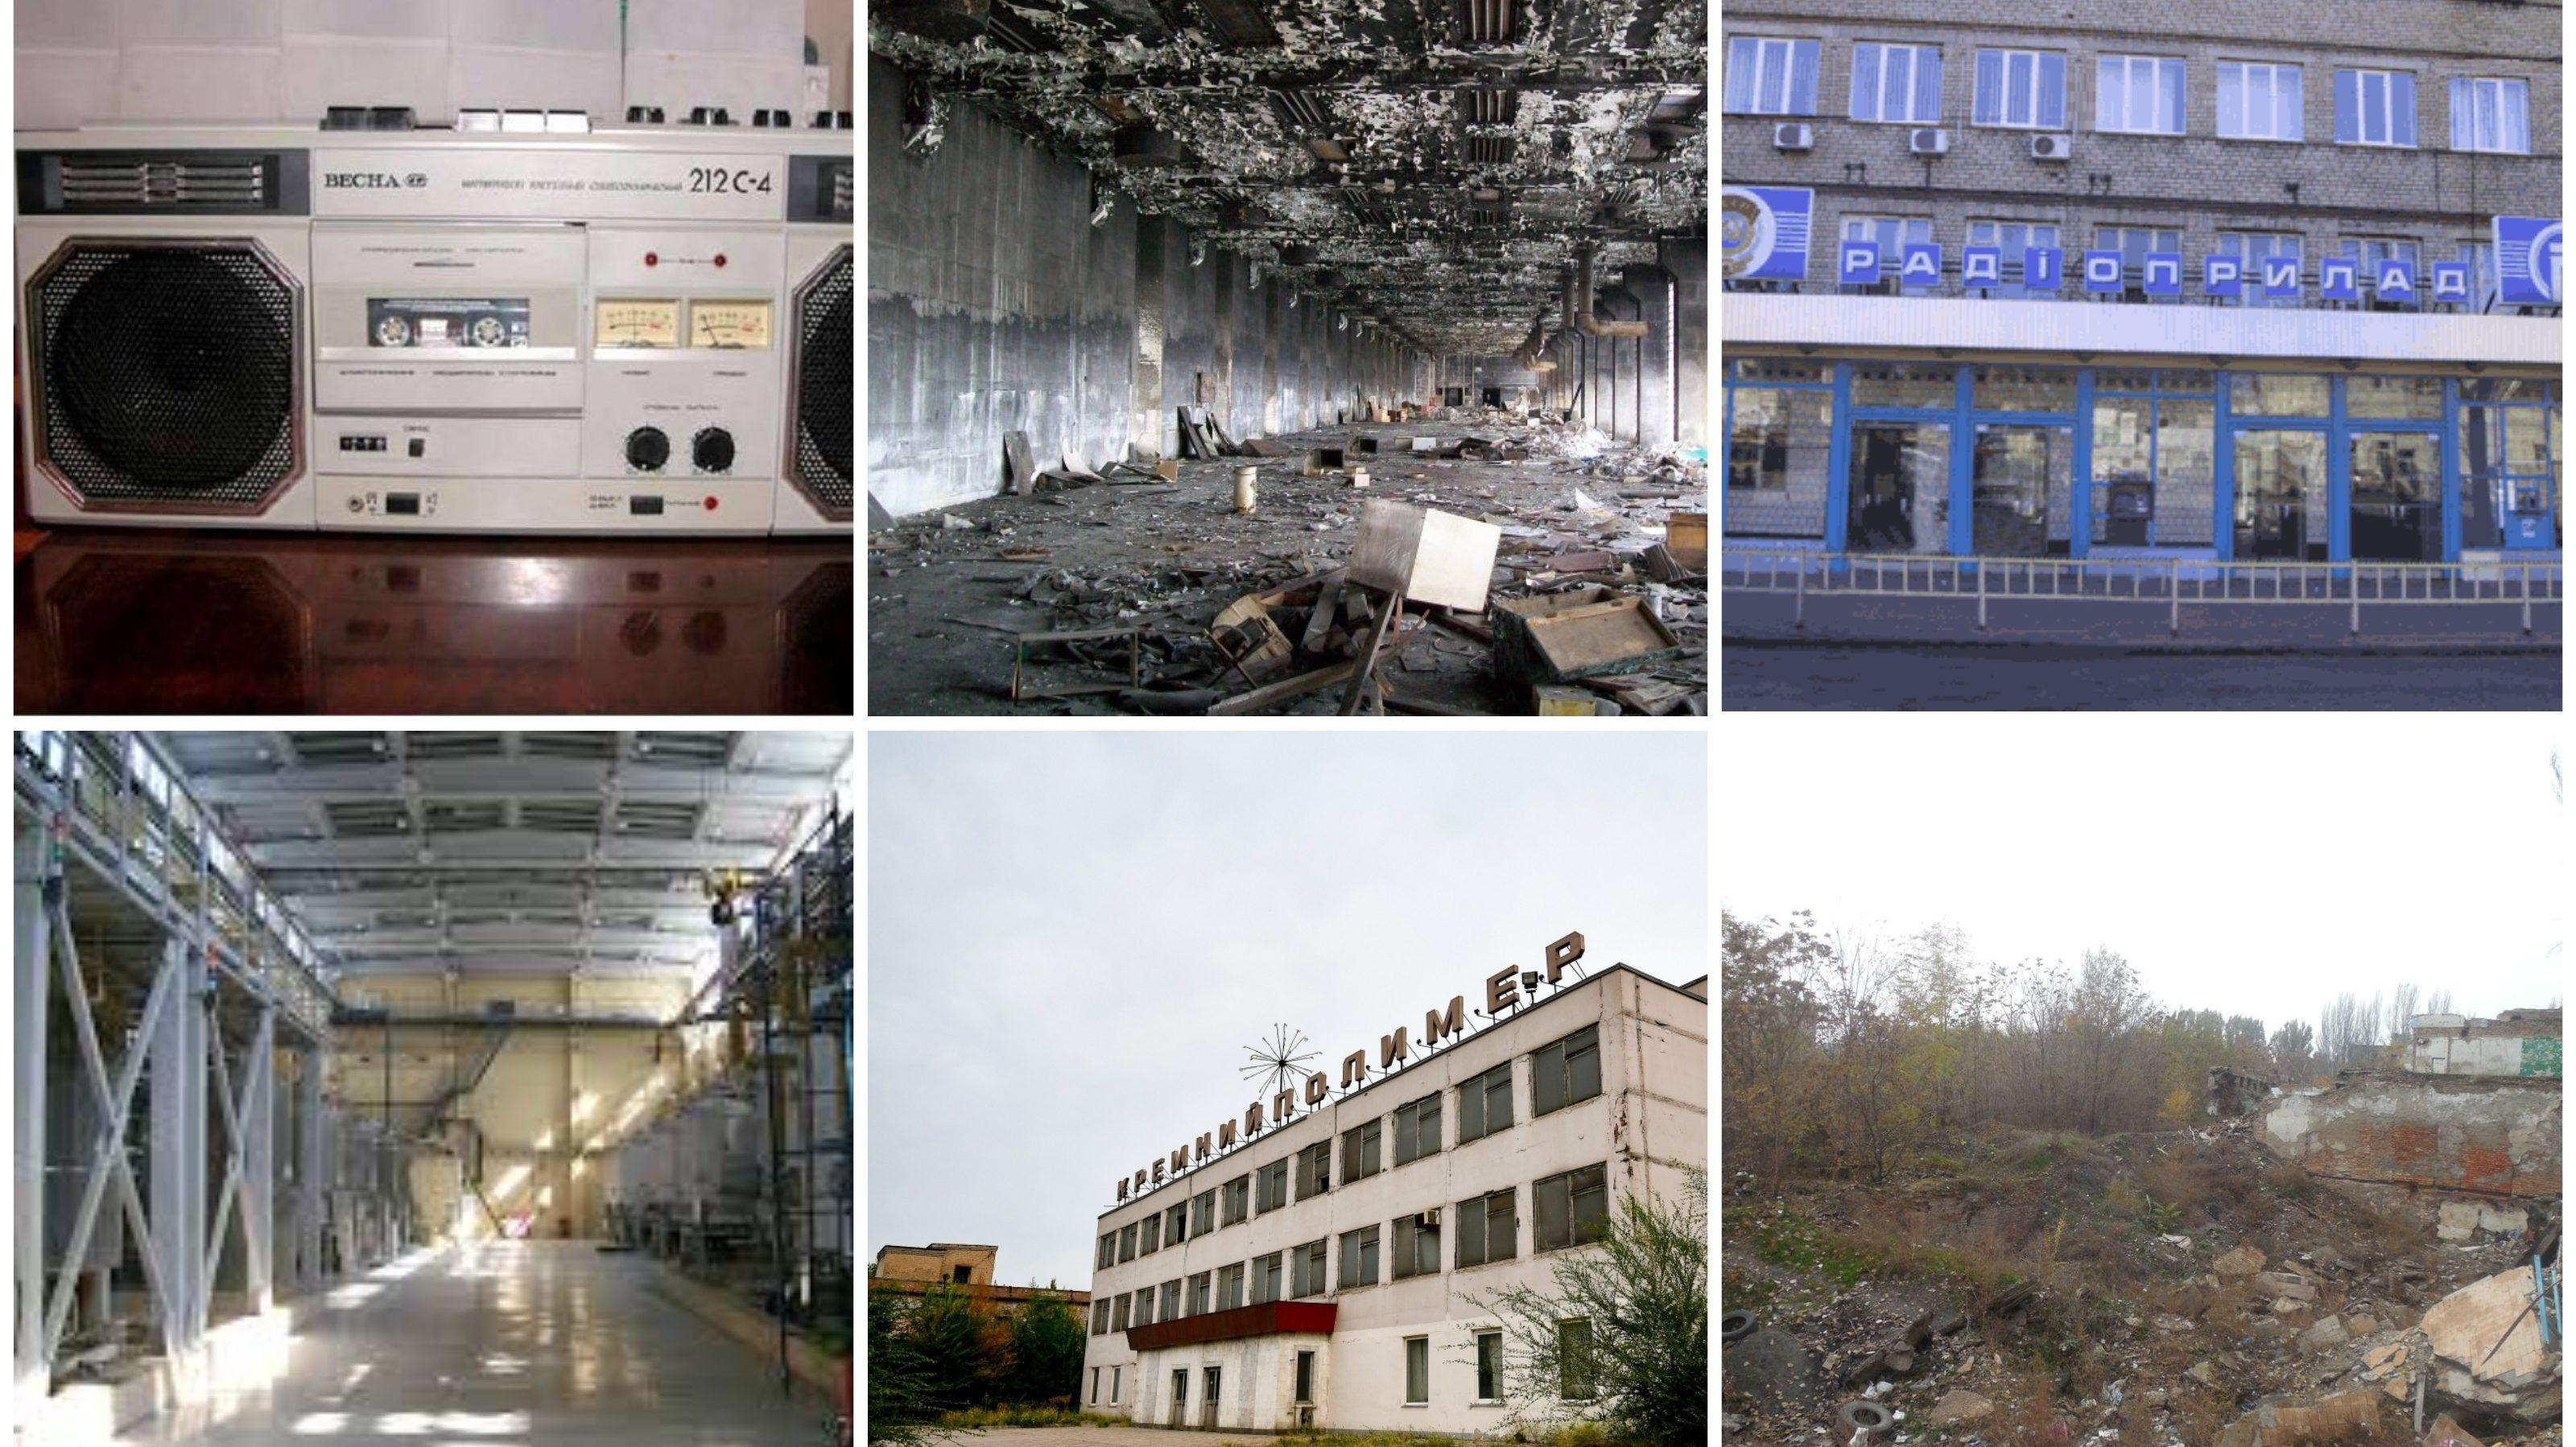 Заводы, которых больше нет: как промышленные гиганты Запорожья превращаются в руины, – ФОТО